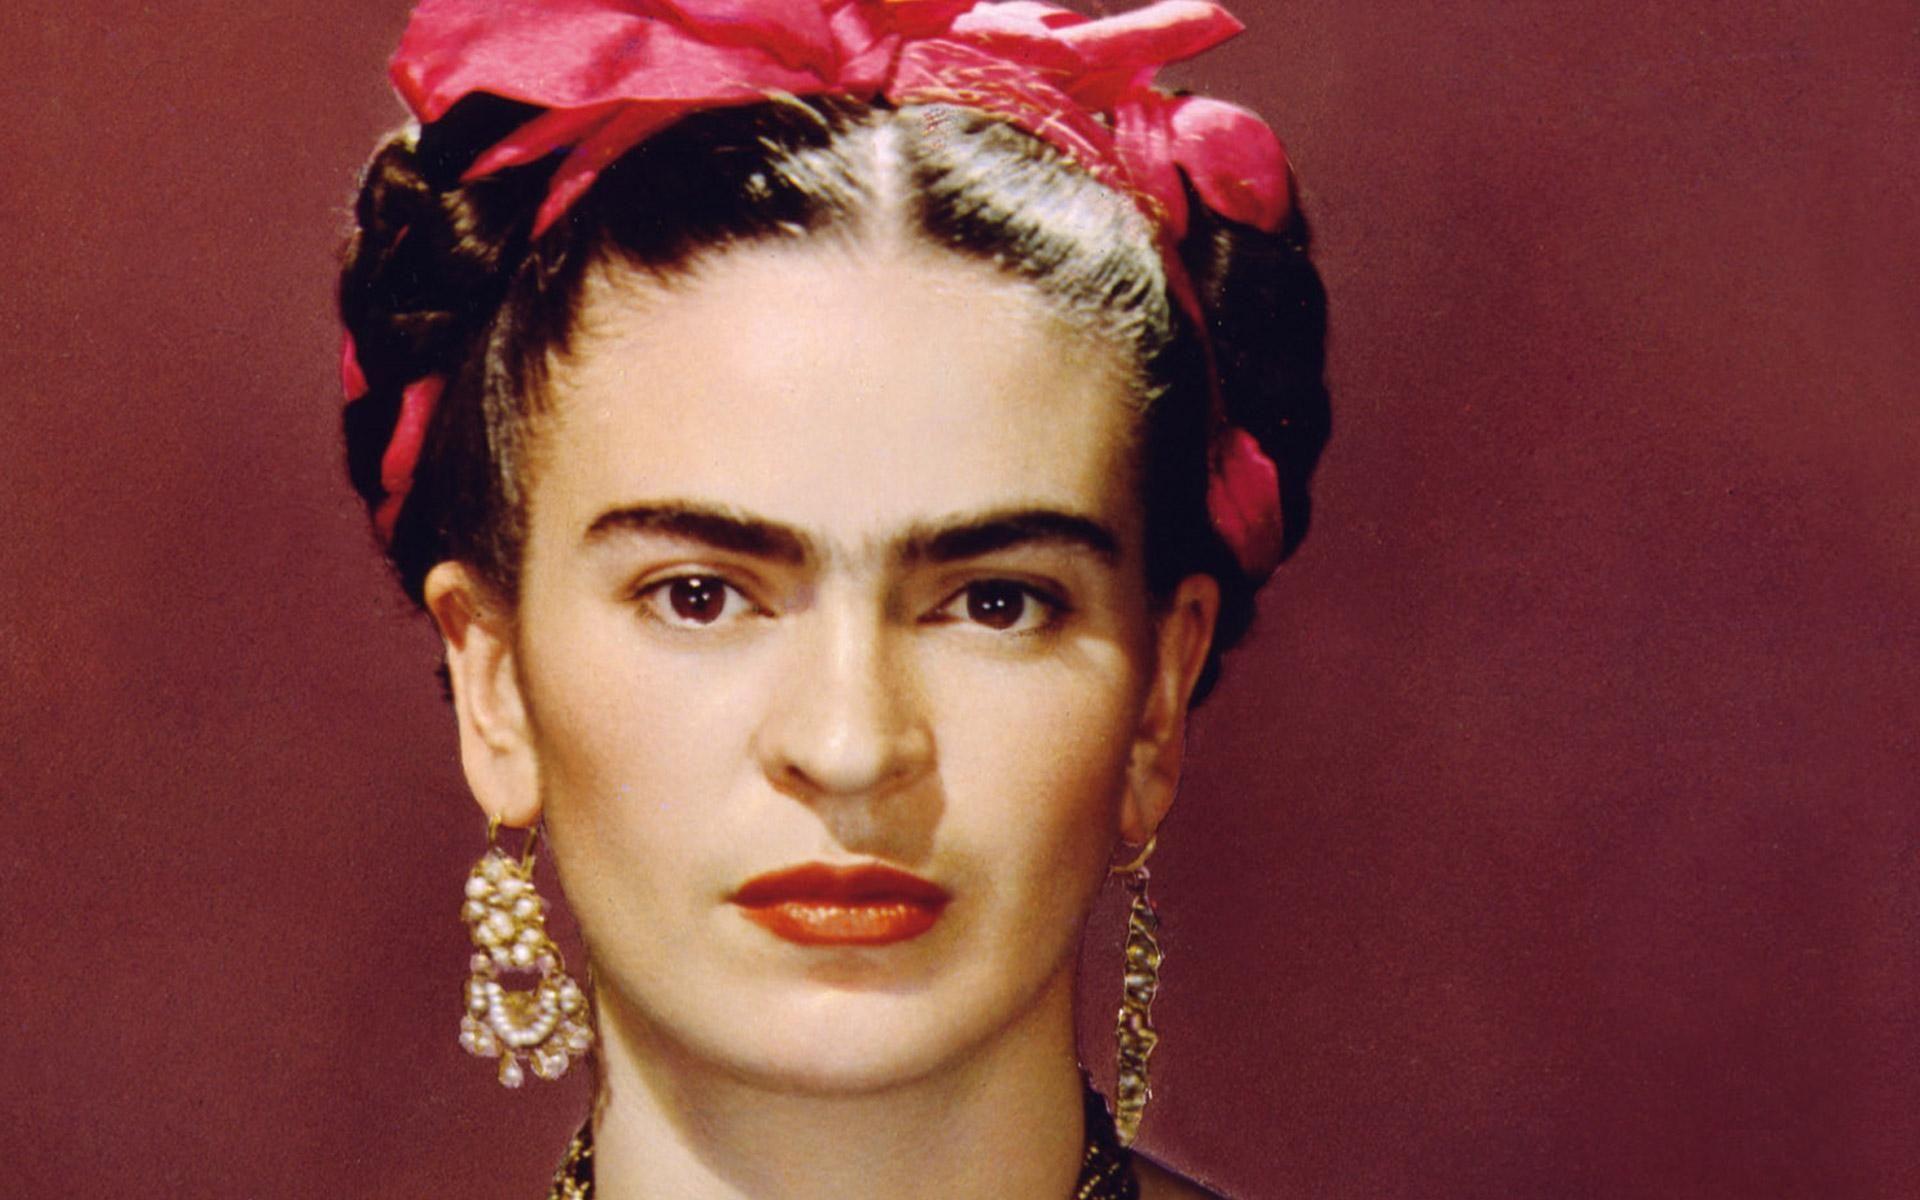 Frida Kahlo es una de las inspiraciones más populares en halloween, incluso Beyoncé se disfrazó de la pintora mexicana este año. Usa prendas étnicas, diademas con flores, collares largos y aretes maxi. http://www.liniofashion.com.co/linio_fashion/ropa-para-mujeres?utm_source=pinterest&utm_medium=socialmedia&utm_campaign=COL_pinterest___fashion_frida_20141204_18&wt_sm=co.socialmedia.pinterest.COL_timeline_____fashion_20141204frida.-.fashion